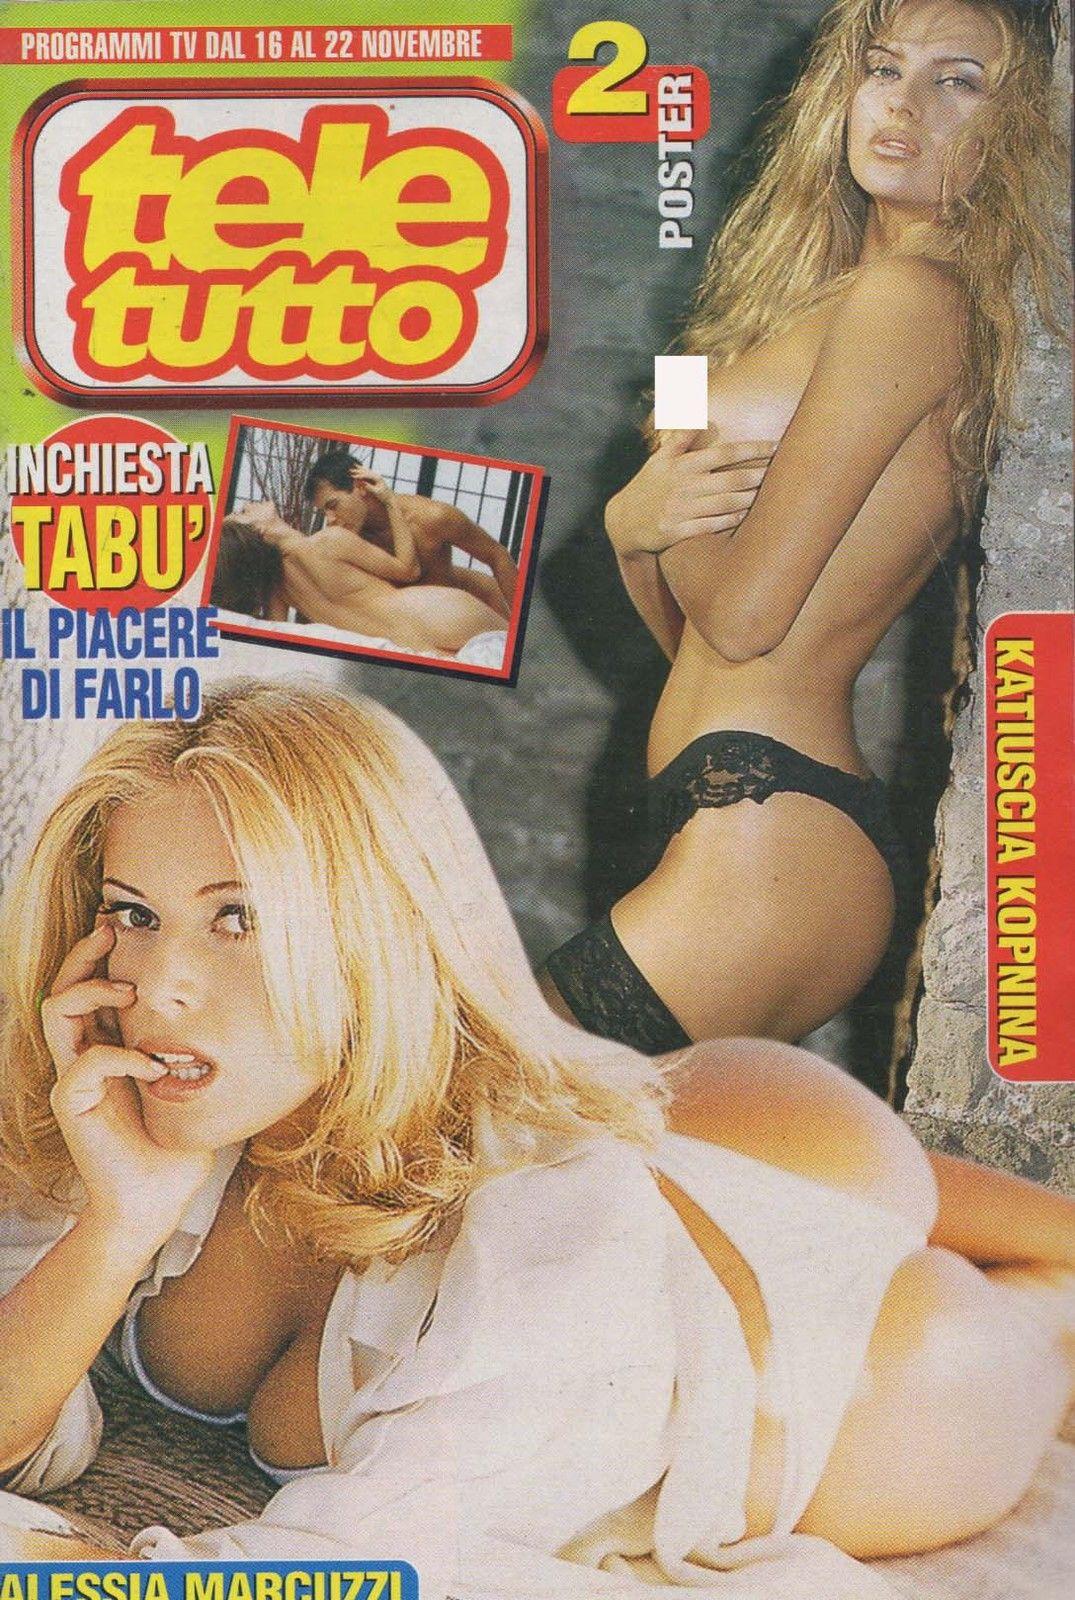 Смотреть фото в эротических журналах 8 фотография